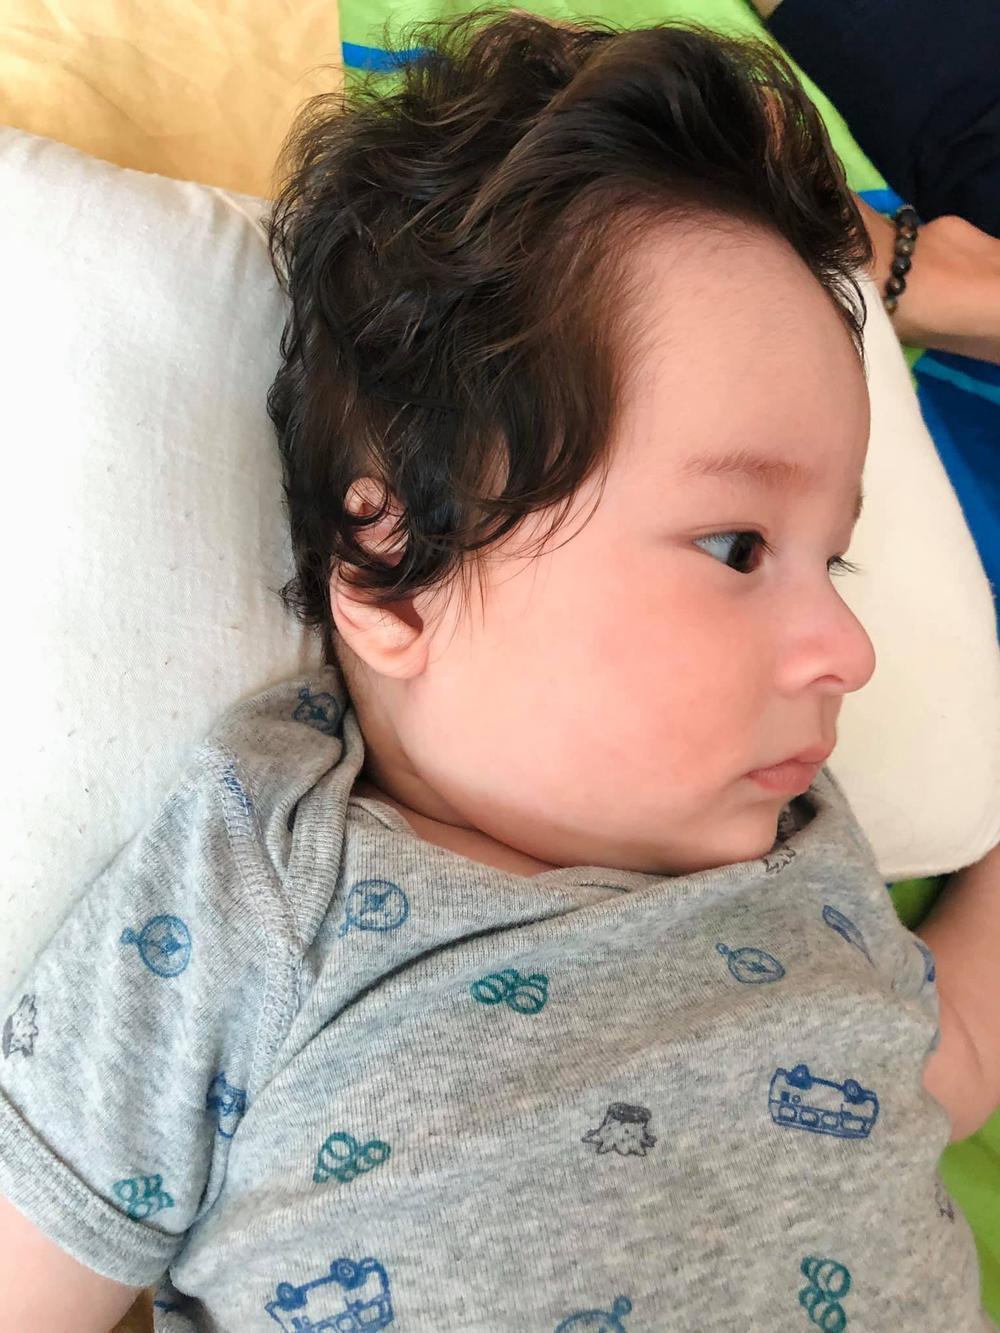 Con trai Hoàng Oanh tiếp tục gây sốt với sống mũi và góc nghiêng cực phẩm Ảnh 2